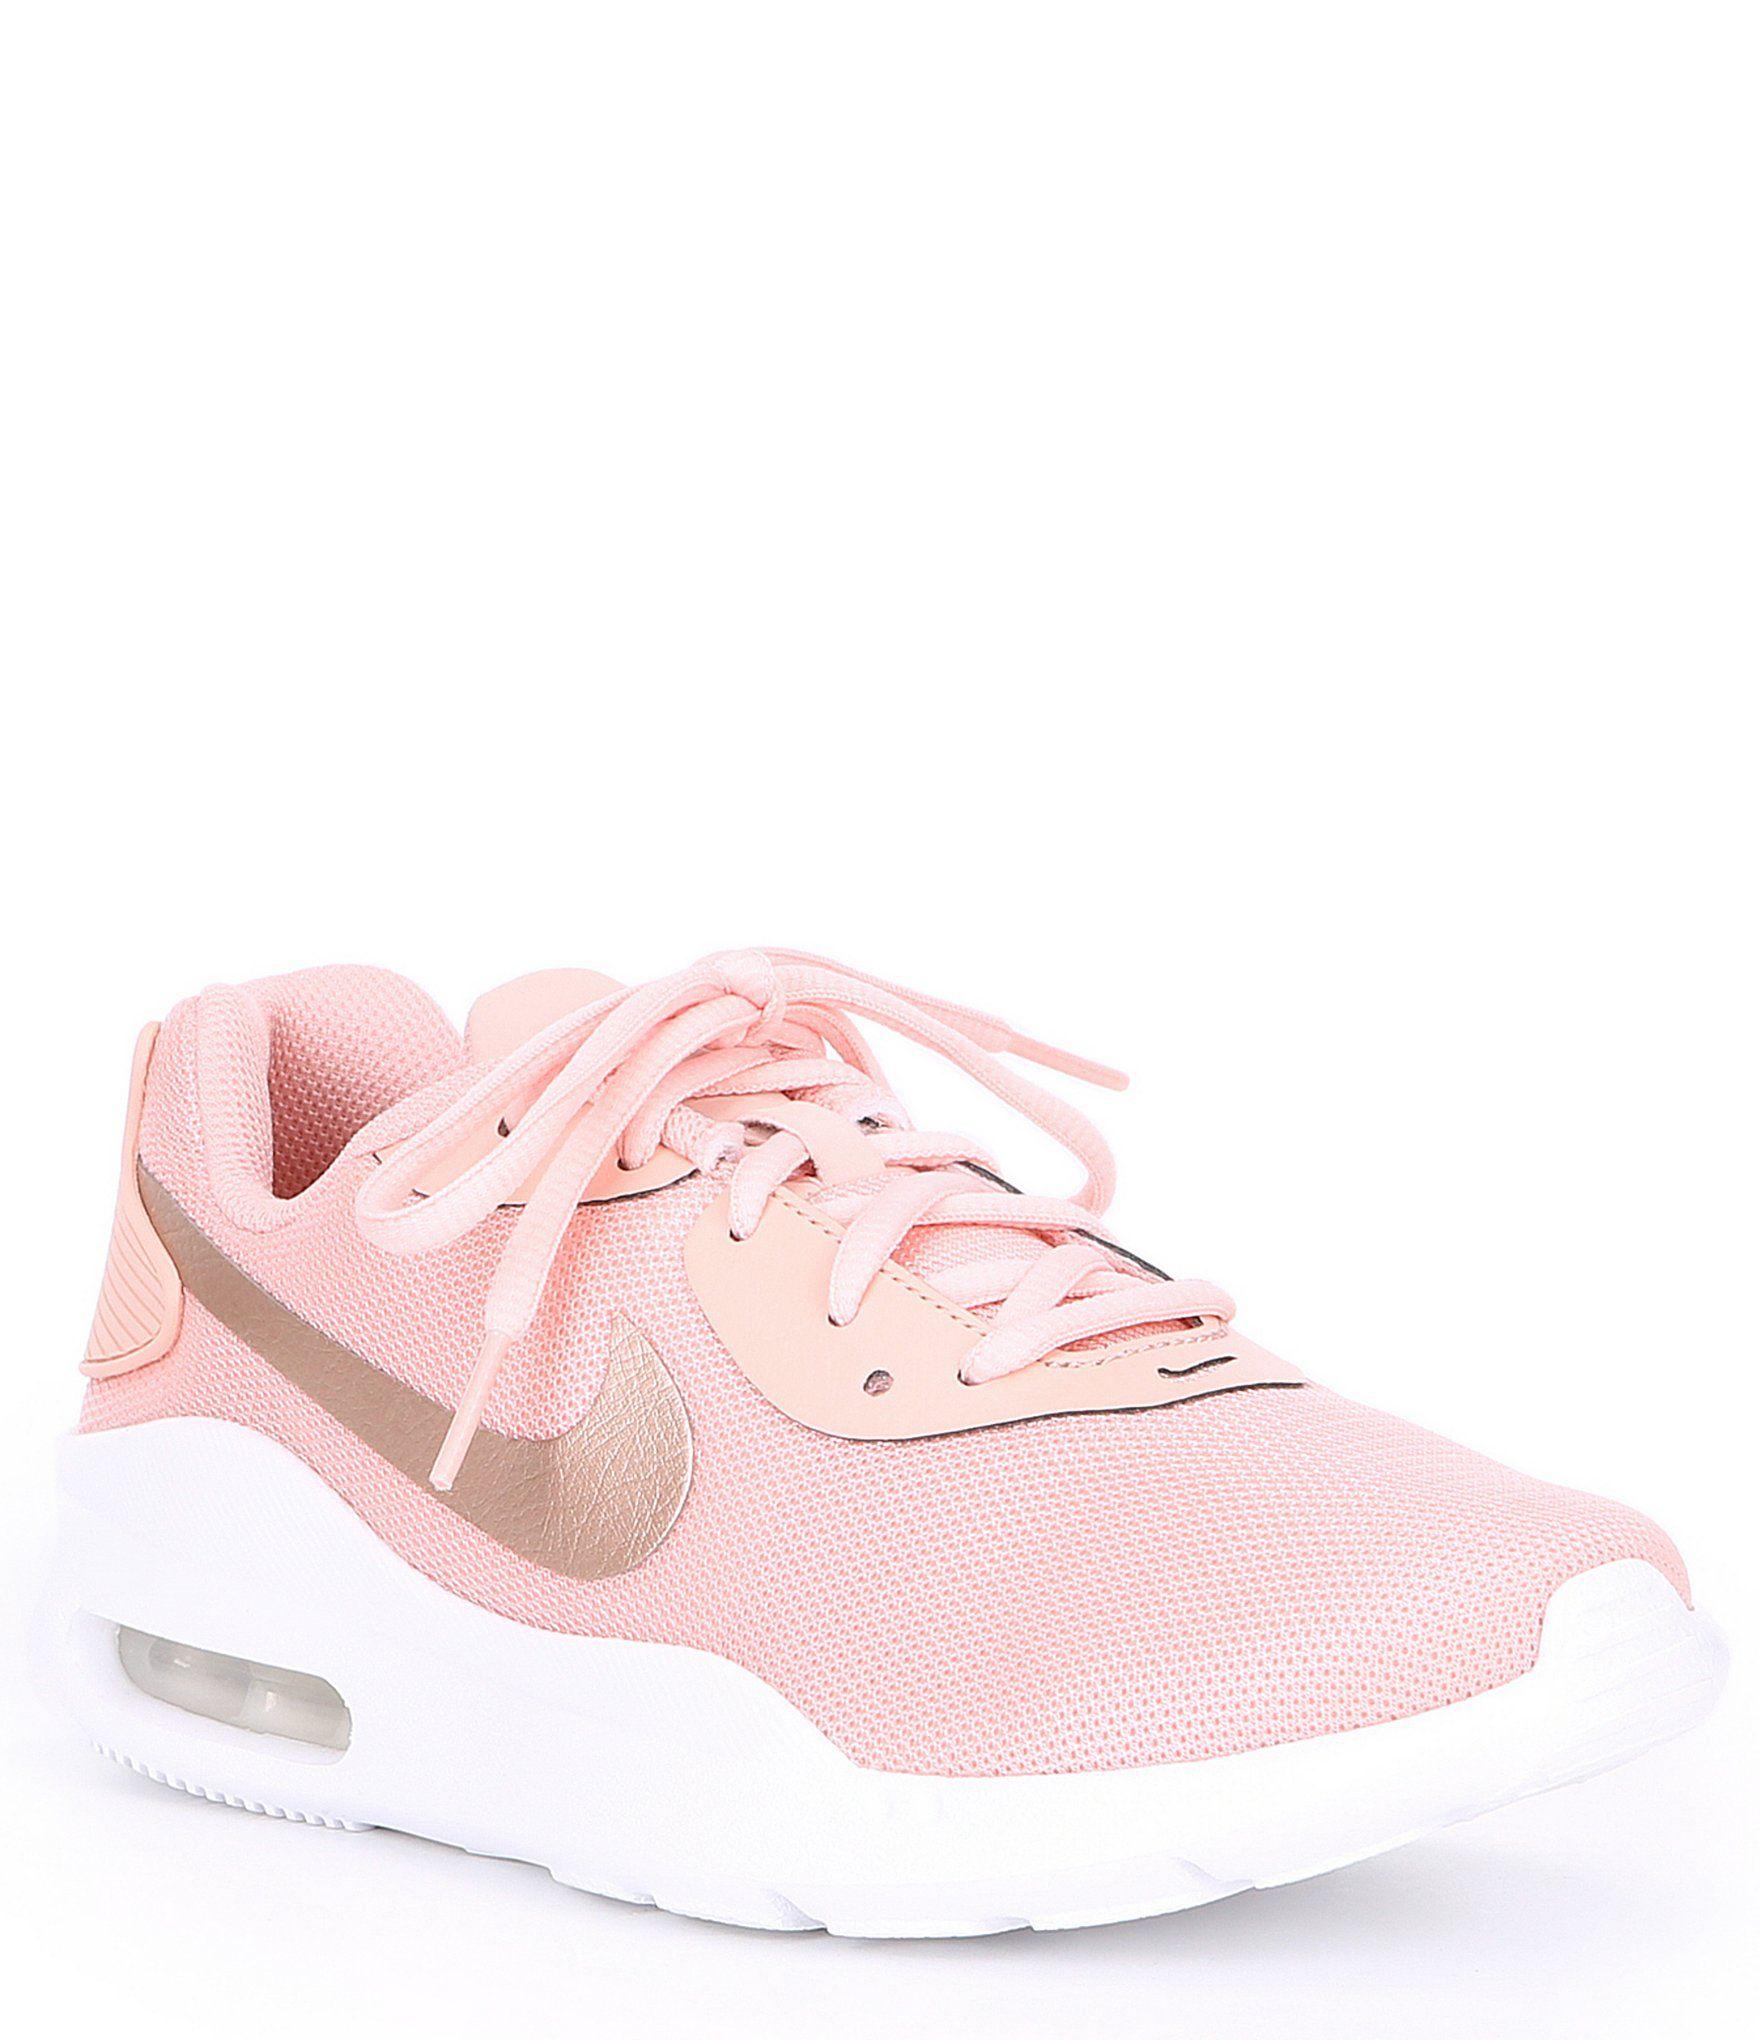 Nike Women's Air Max Oketo Lifestyle Shoe PhantomSail